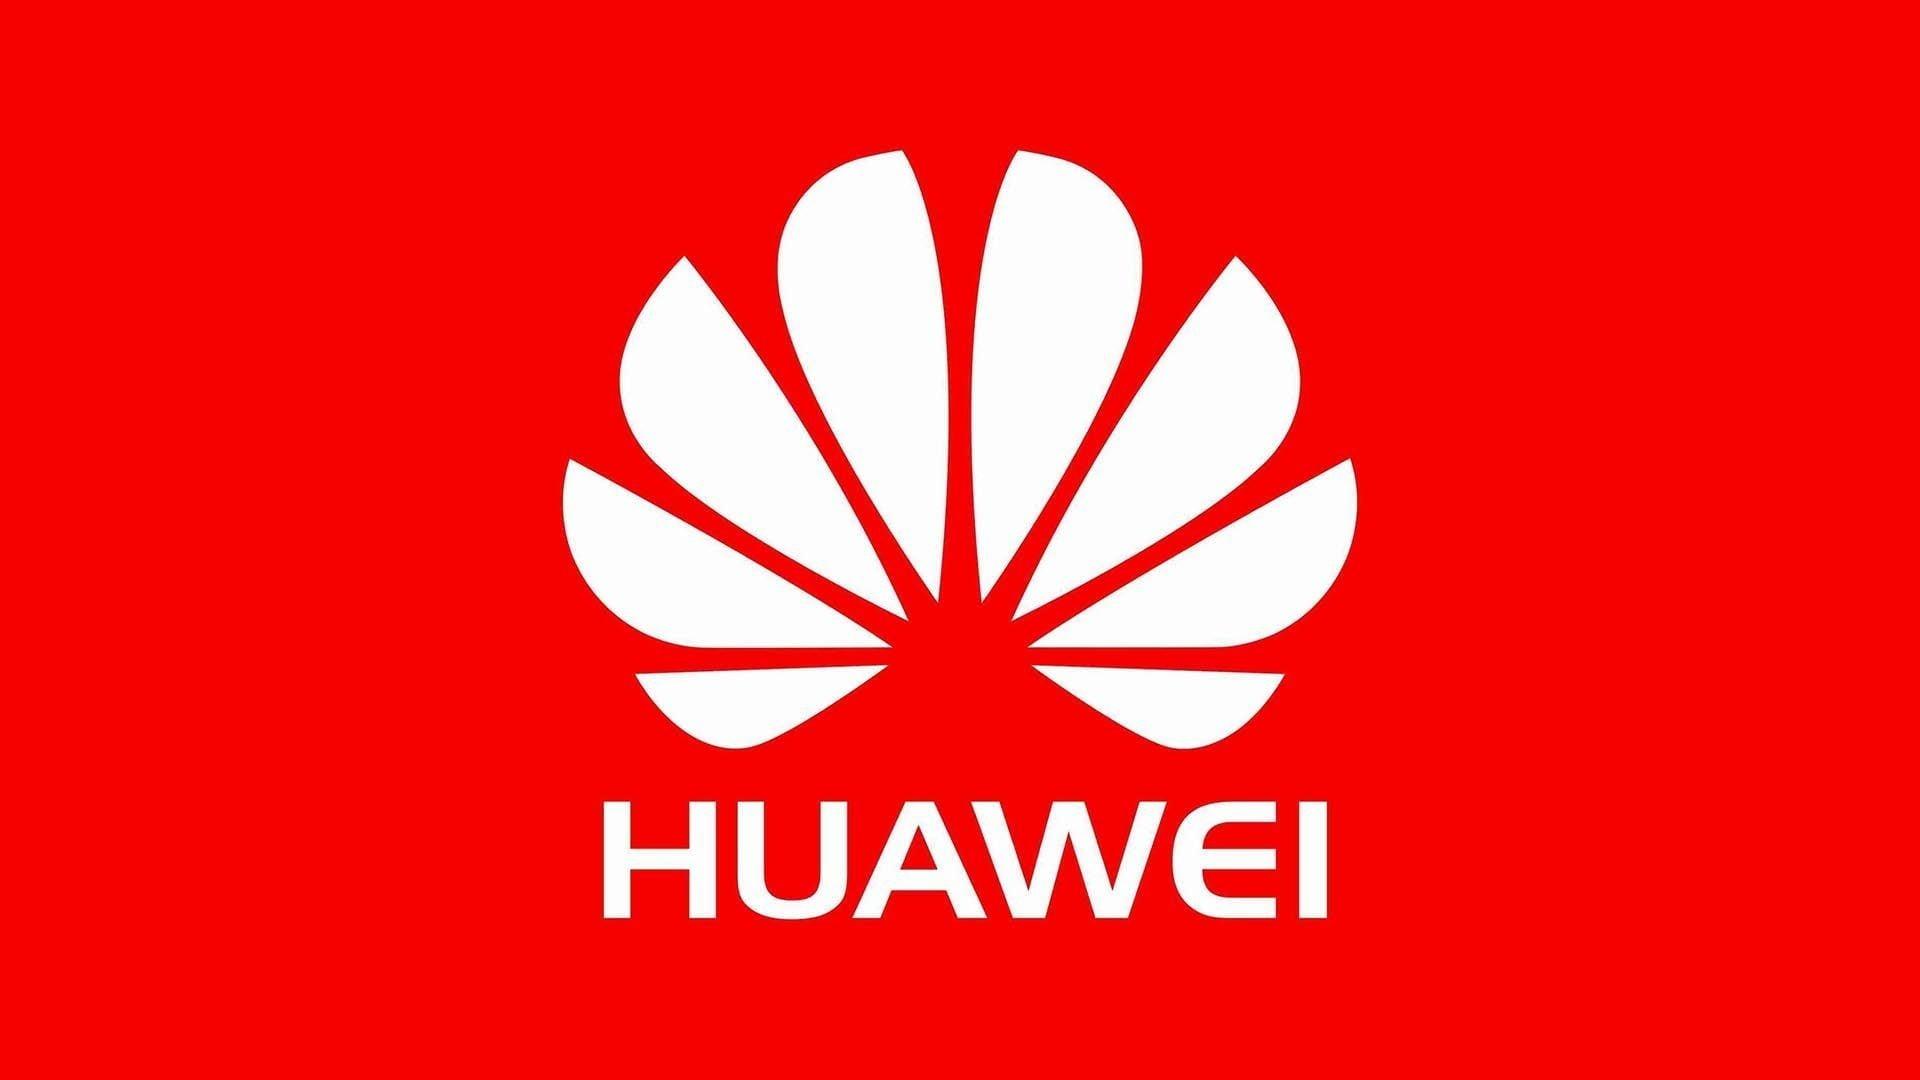 Huawei Mate 10 macht Samsung DeX Konkurrenz 11 techboys.de • smarte News, auf den Punkt! Huawei Mate 10 macht Samsung DeX Konkurrenz